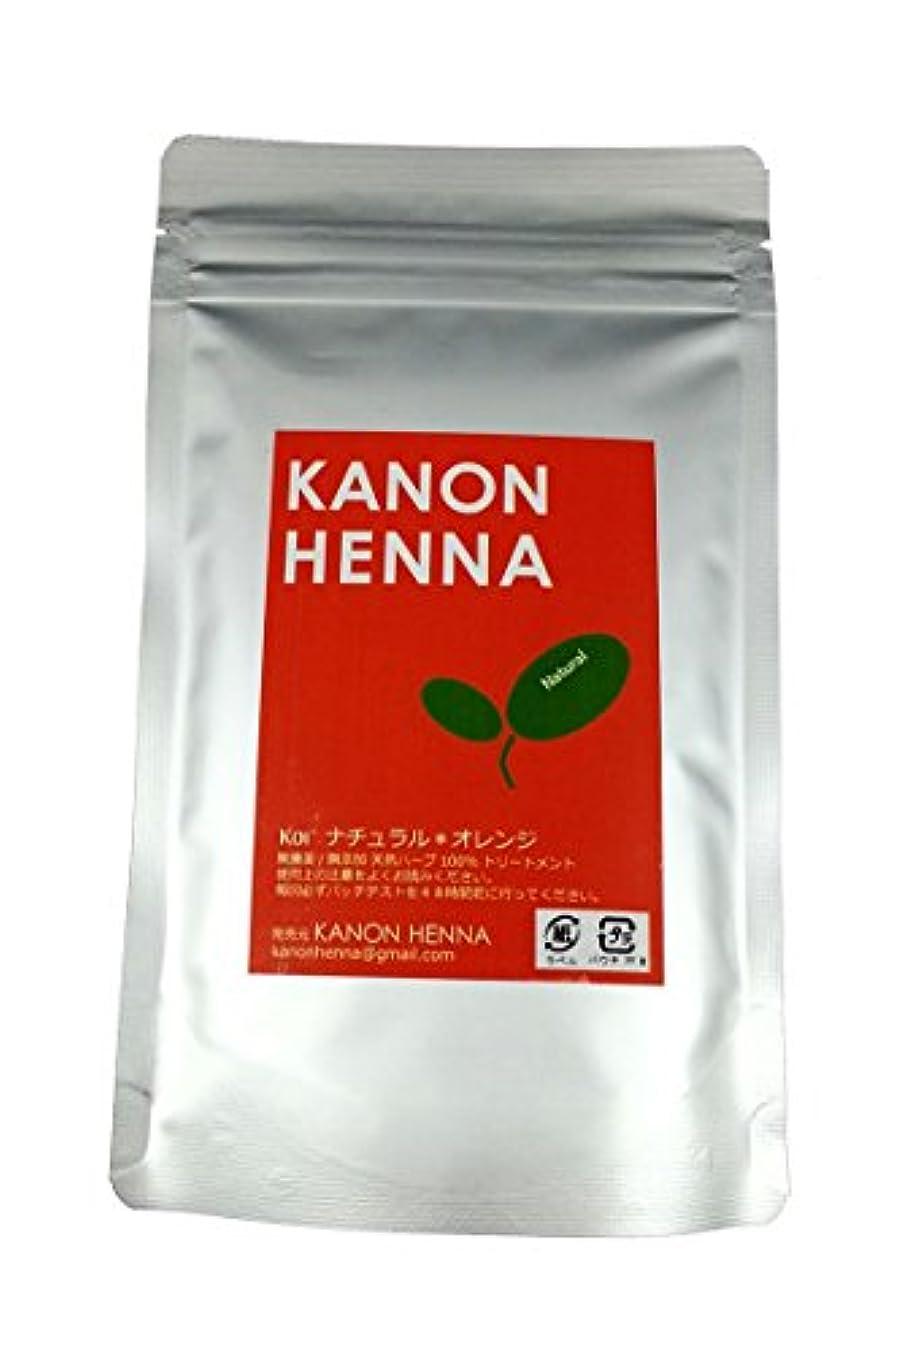 ピアマンモス羊飼いヘナ カノンヘナ 天然ハーブ 無農薬無添加 ケミカルゼロ ヘアトリートメント 毛染め 染毛 白髪 赤オレンジ henna-natural